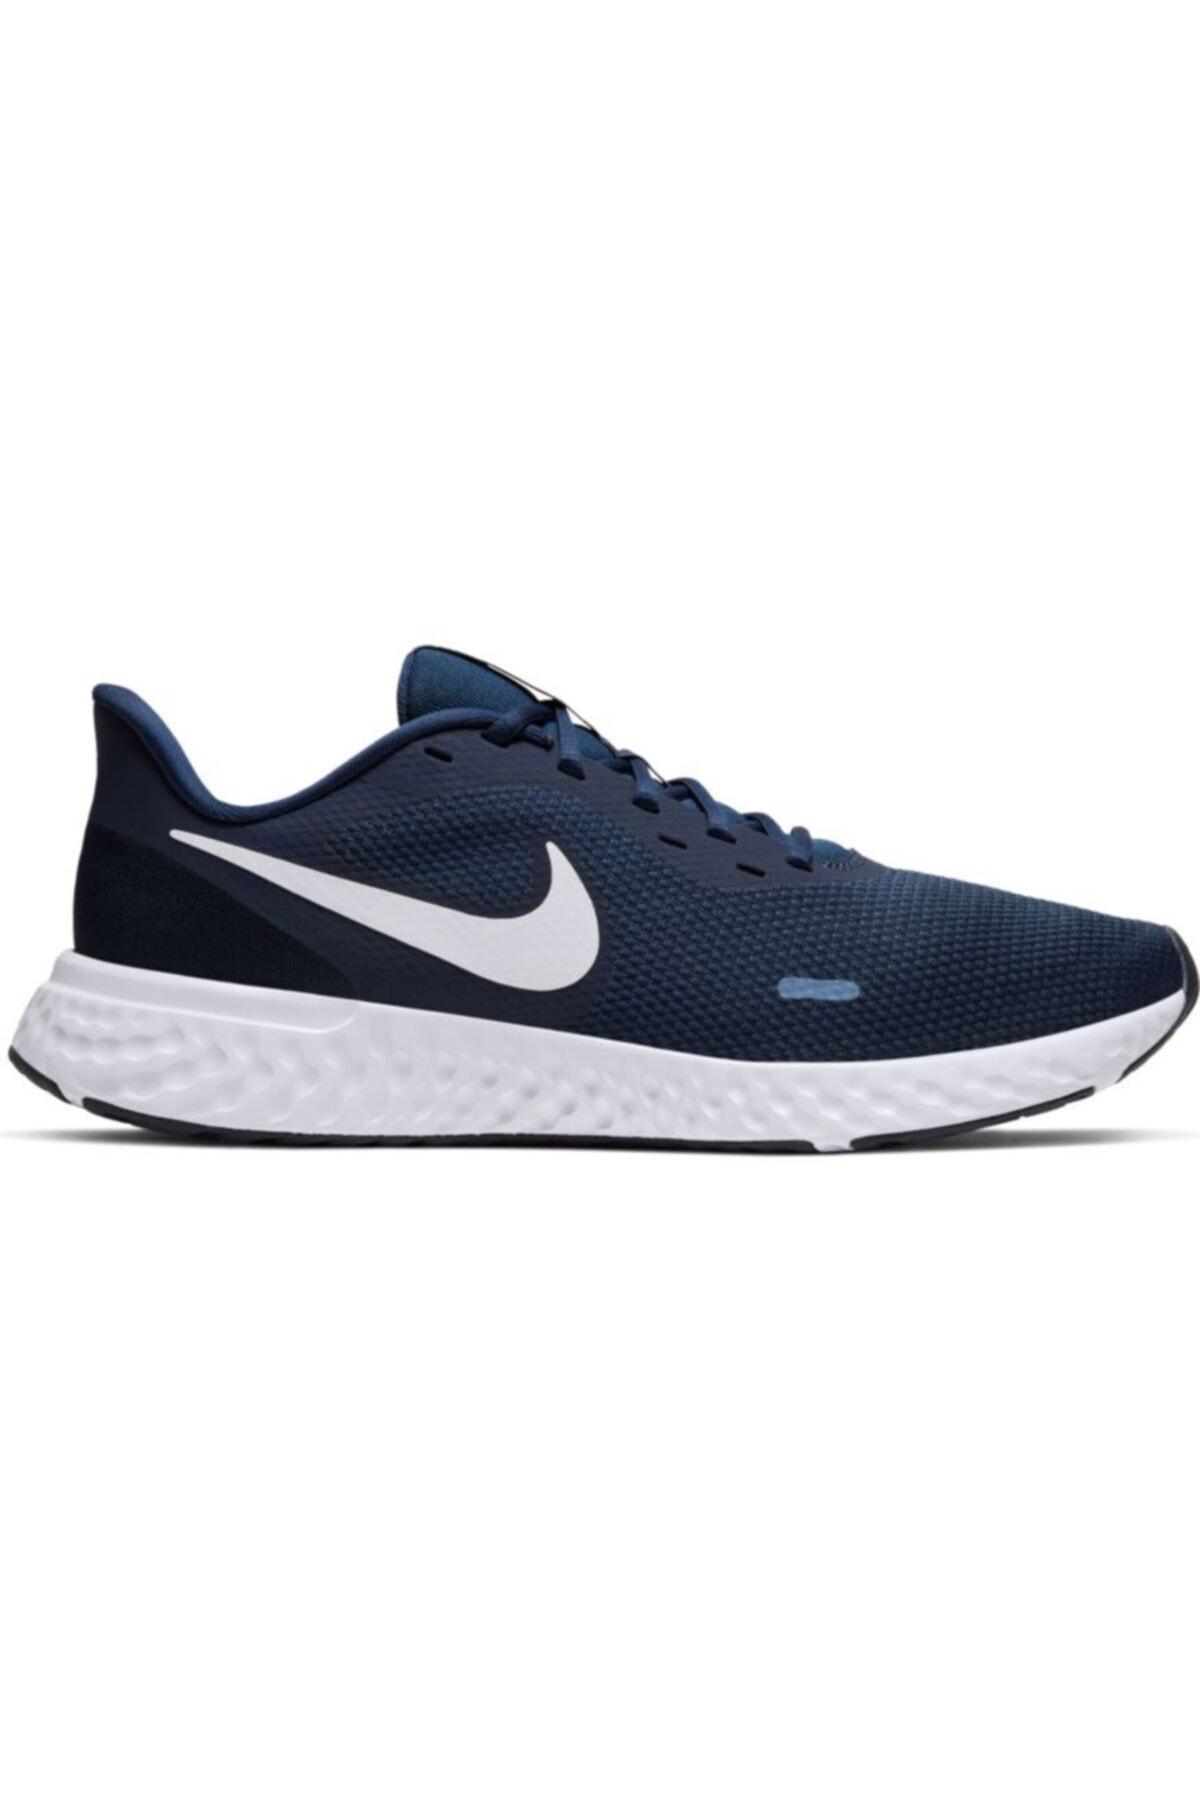 Nike Erkek Lacivert Revolutıon 5 Spor Ayakkabı Bq3204-400 1